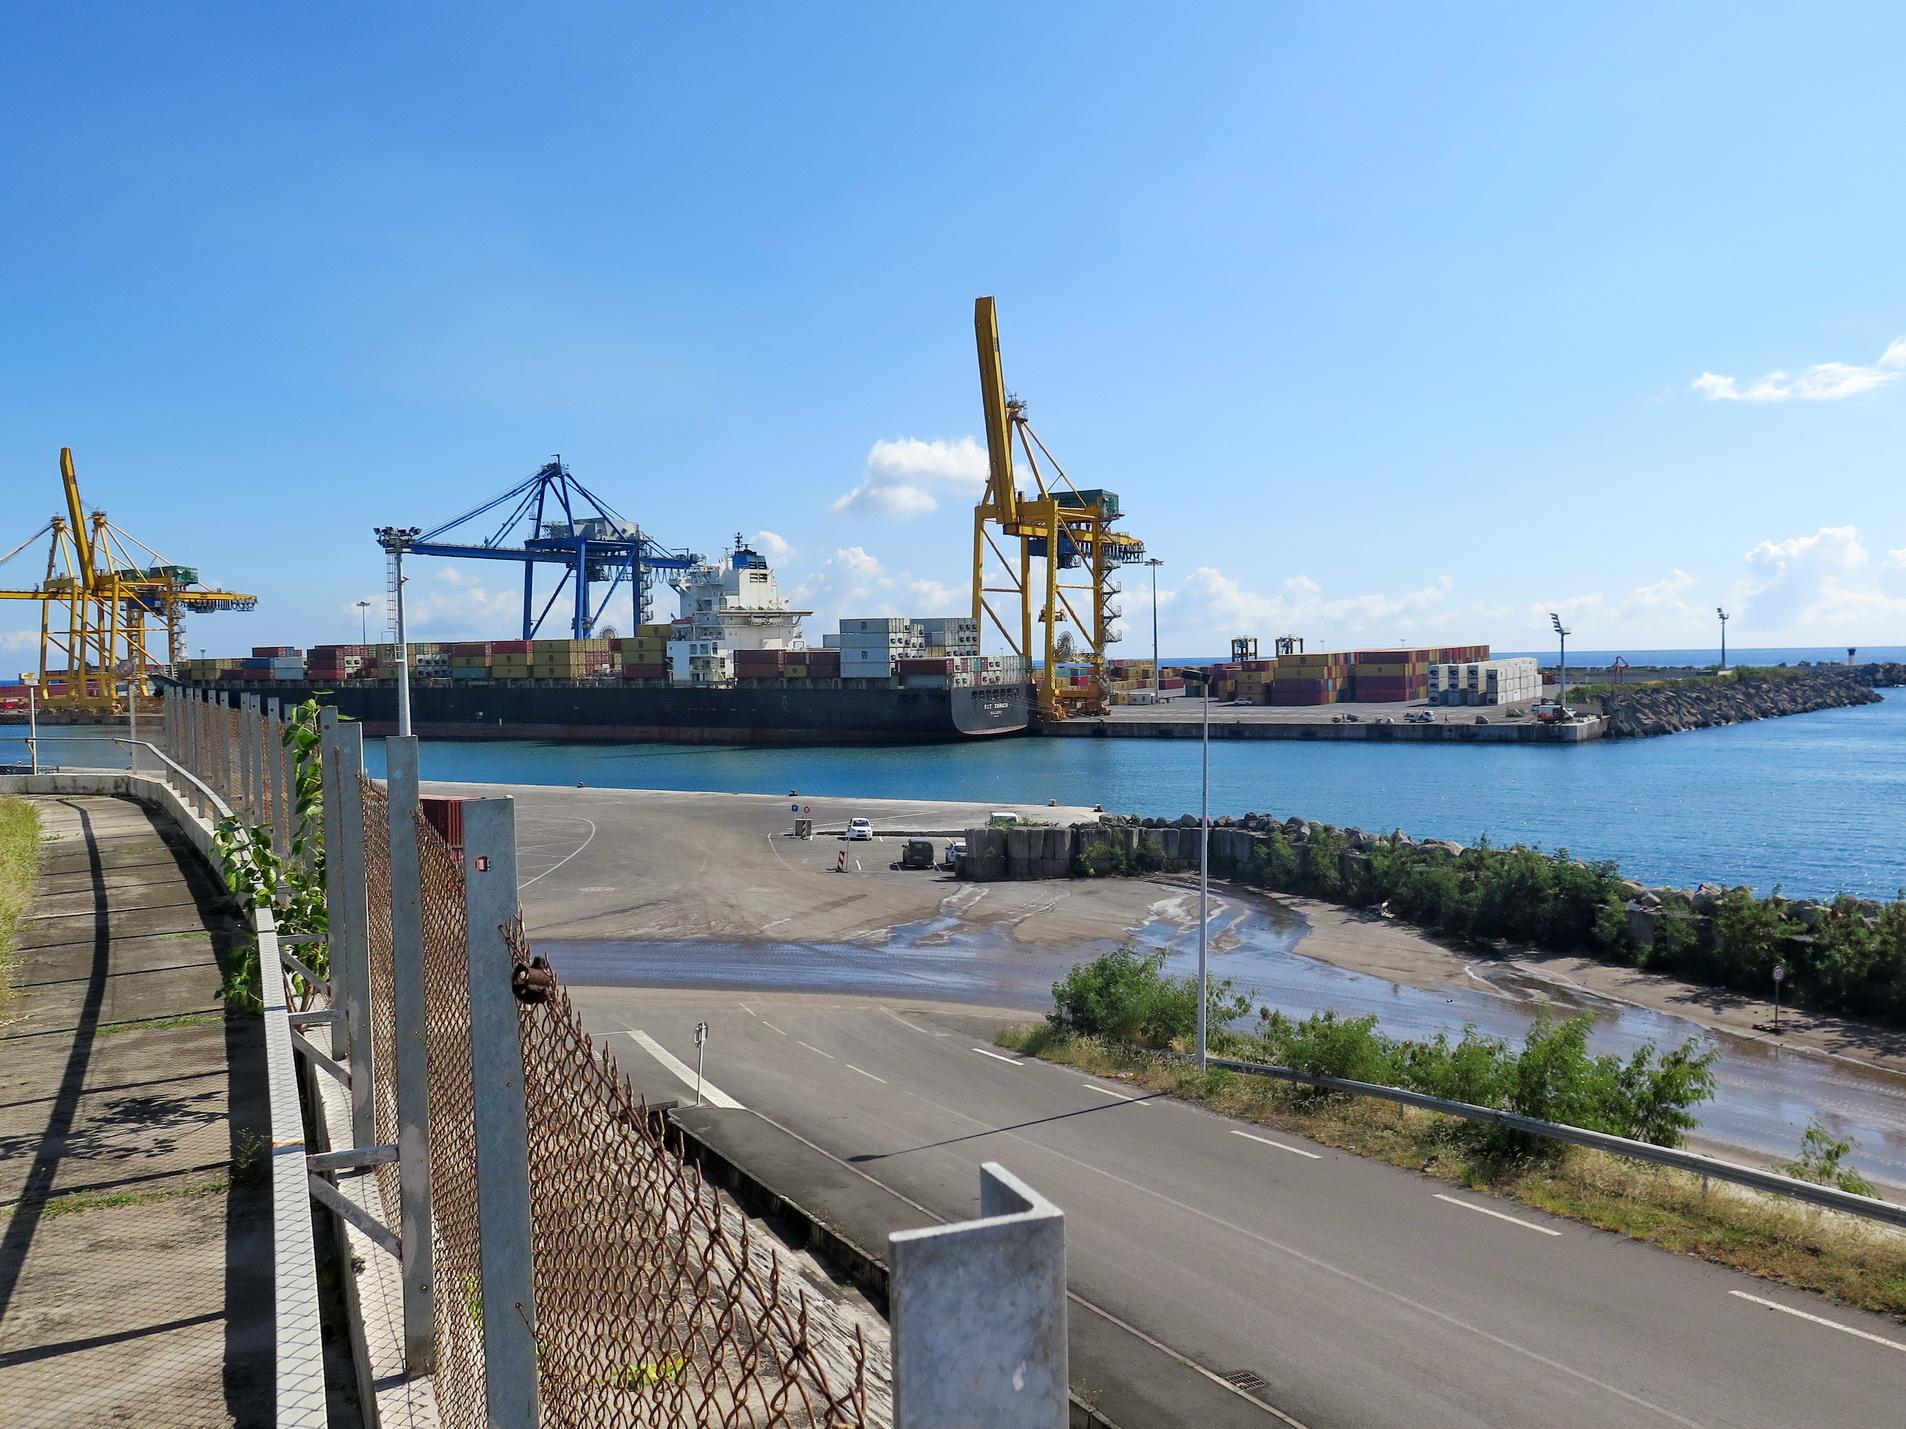 [Vie des ports] Les ports de la Réunion - Page 9 820918leportest170